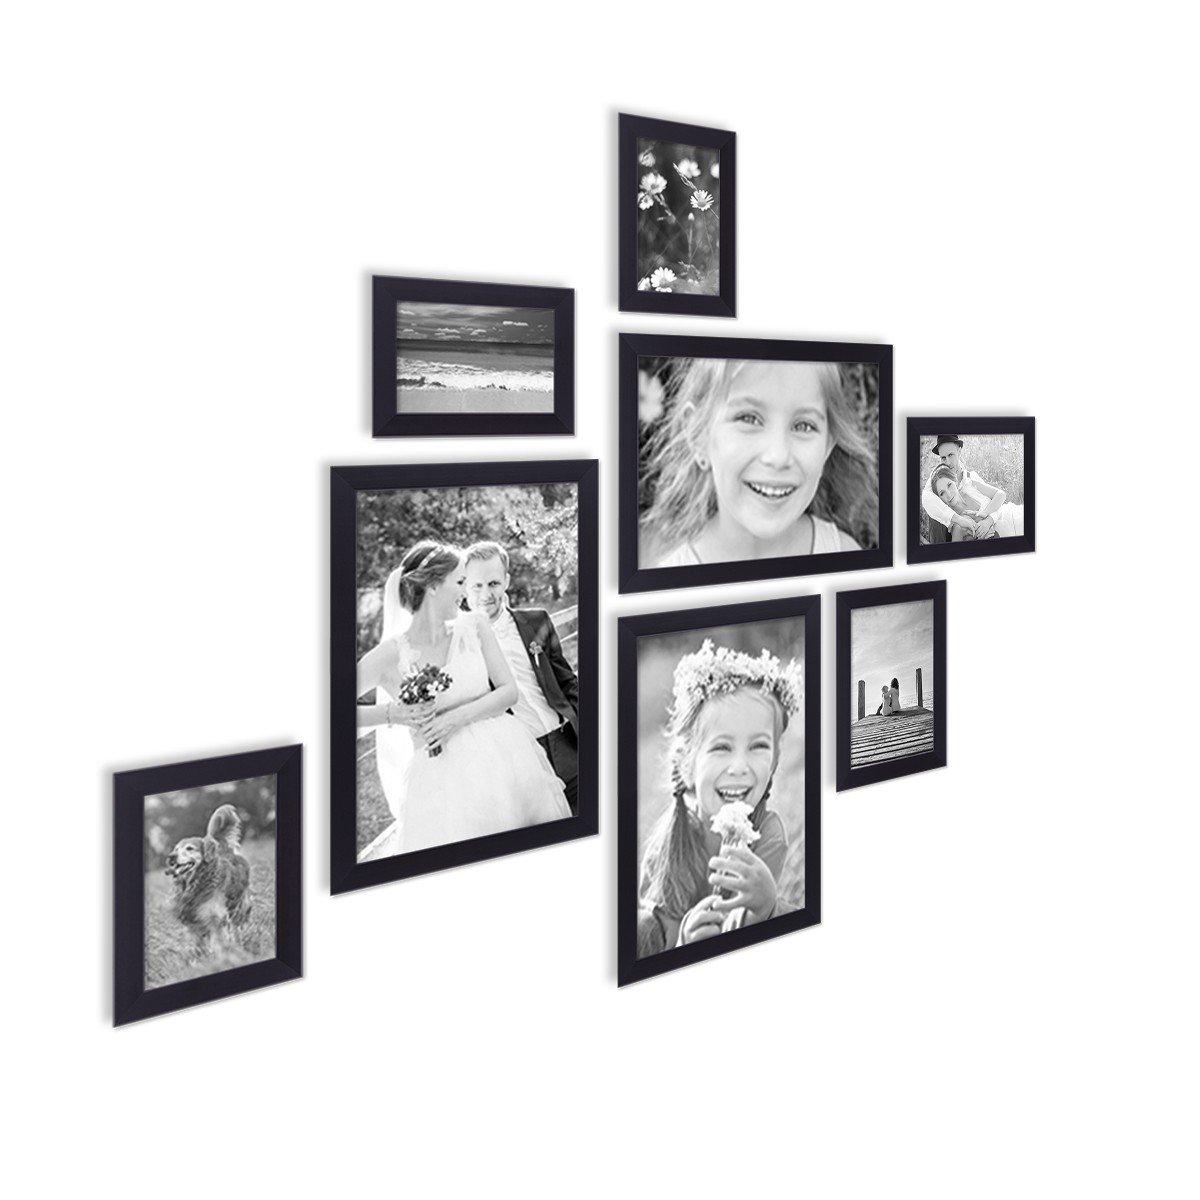 Cadre photo 28 Photos Cadre Photo Galerie Photos Cadre Bois Collage Noir 10x15cm